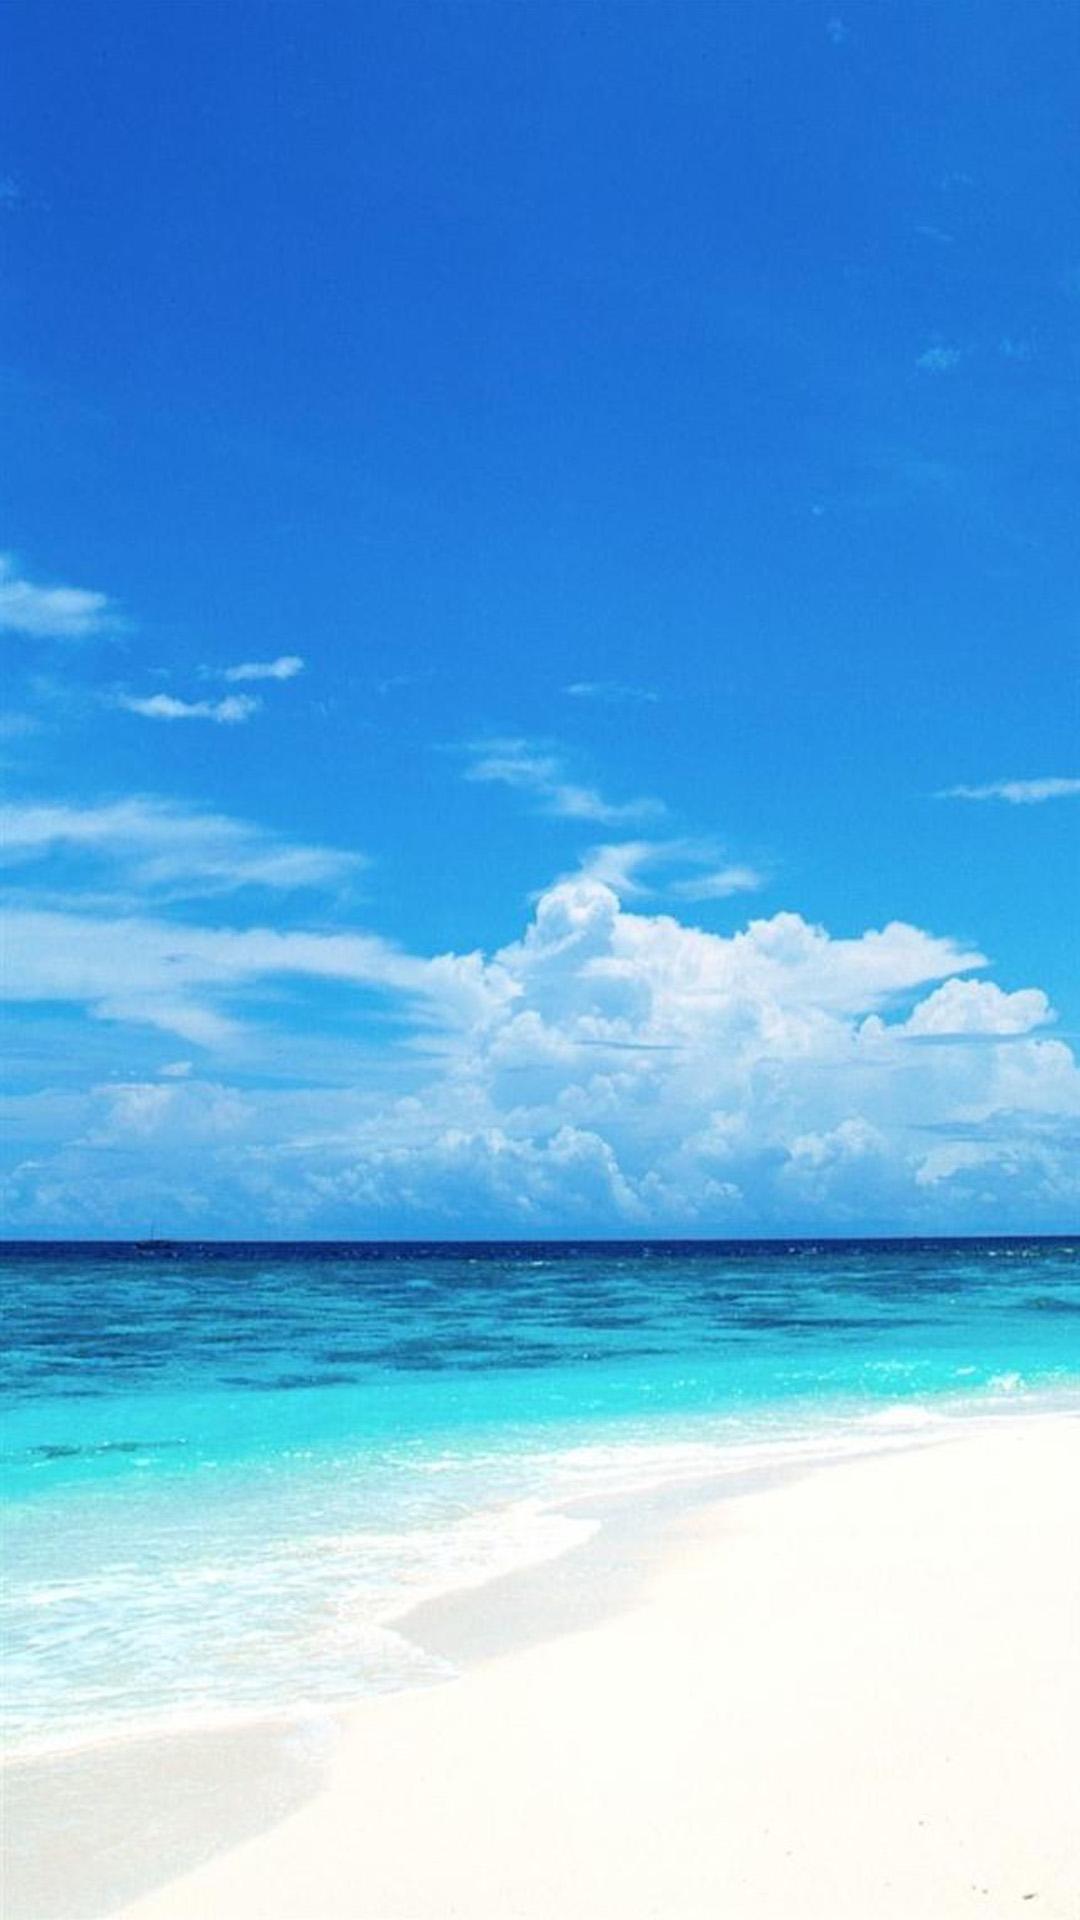 beach iphone 6 plus wallpaper 231 17e840ad773e07f704285a3f09711c7e raw